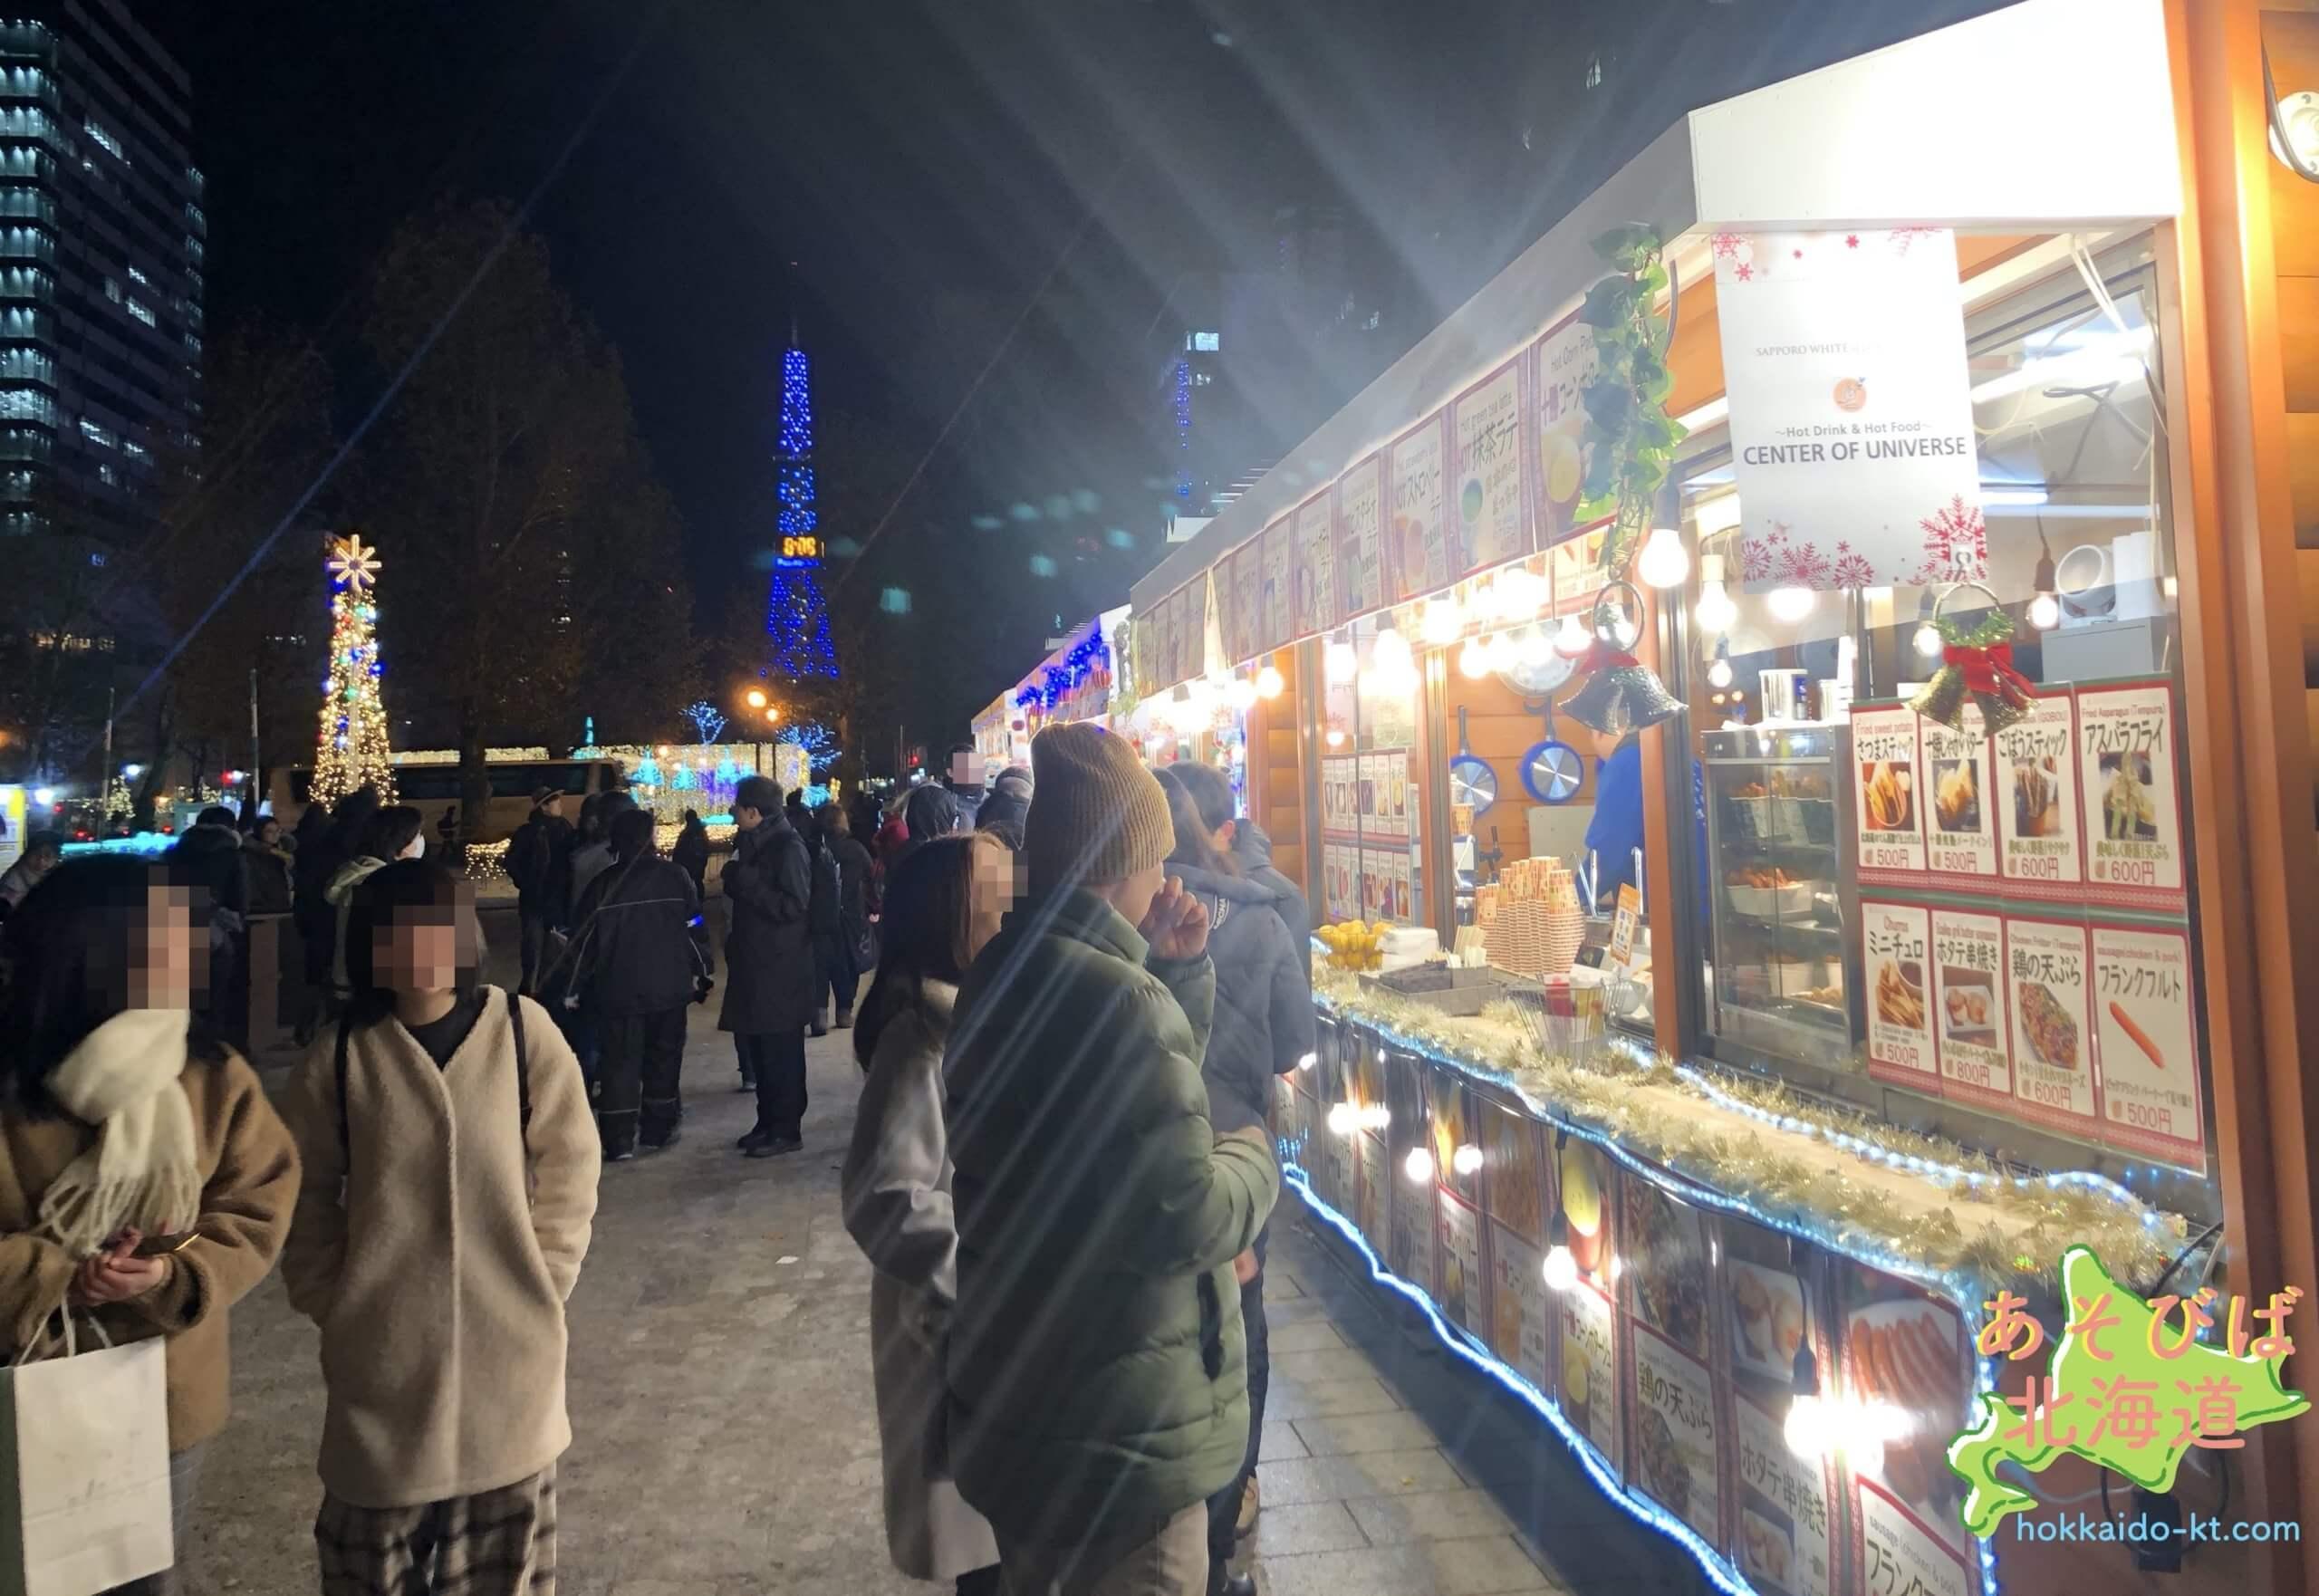 11月下旬の札幌での服装